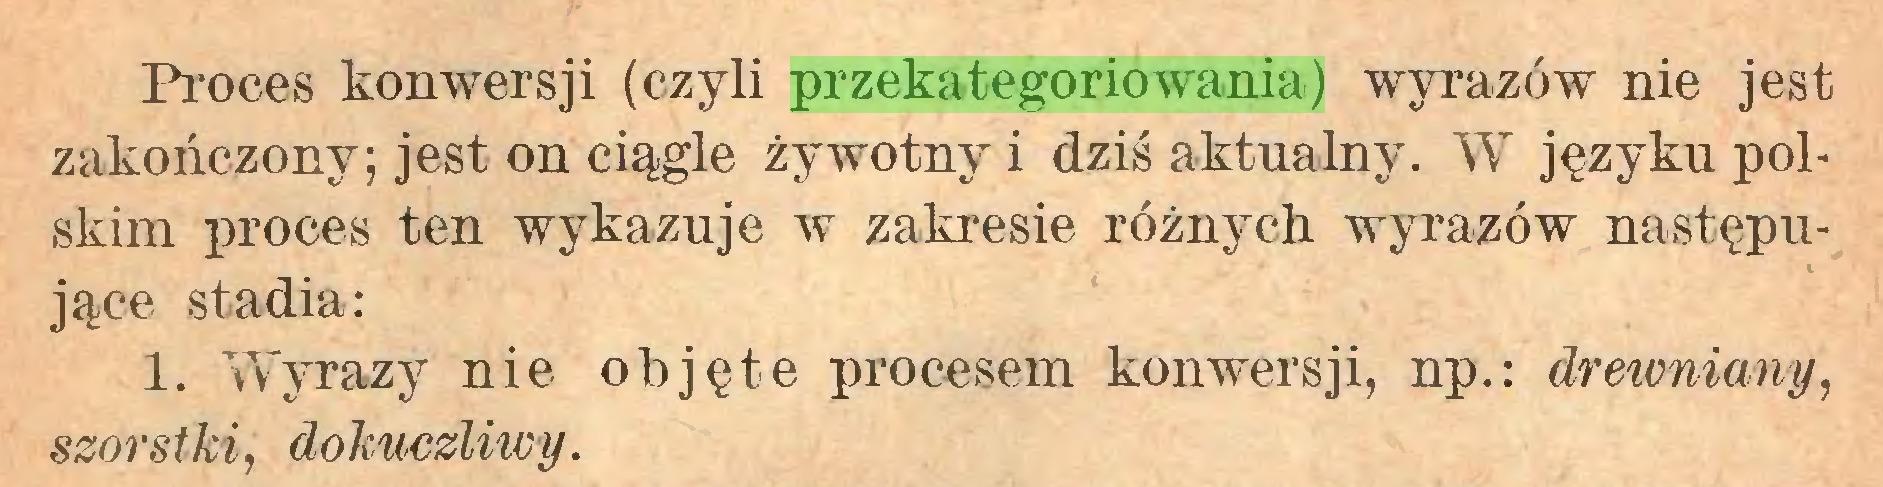 (...) Proces konwersji (czyli przekategoriowania) wyrazów nie jest zakończony; jest on ciągle żywotny i dziś aktualny. W języku polskim proces ten wykazuje w zakresie różnych wyrazów następujące stadia: 1. Wyrazy nie objęte procesem konwersji, np.: drewniany, szorstki, dokuczliwy...